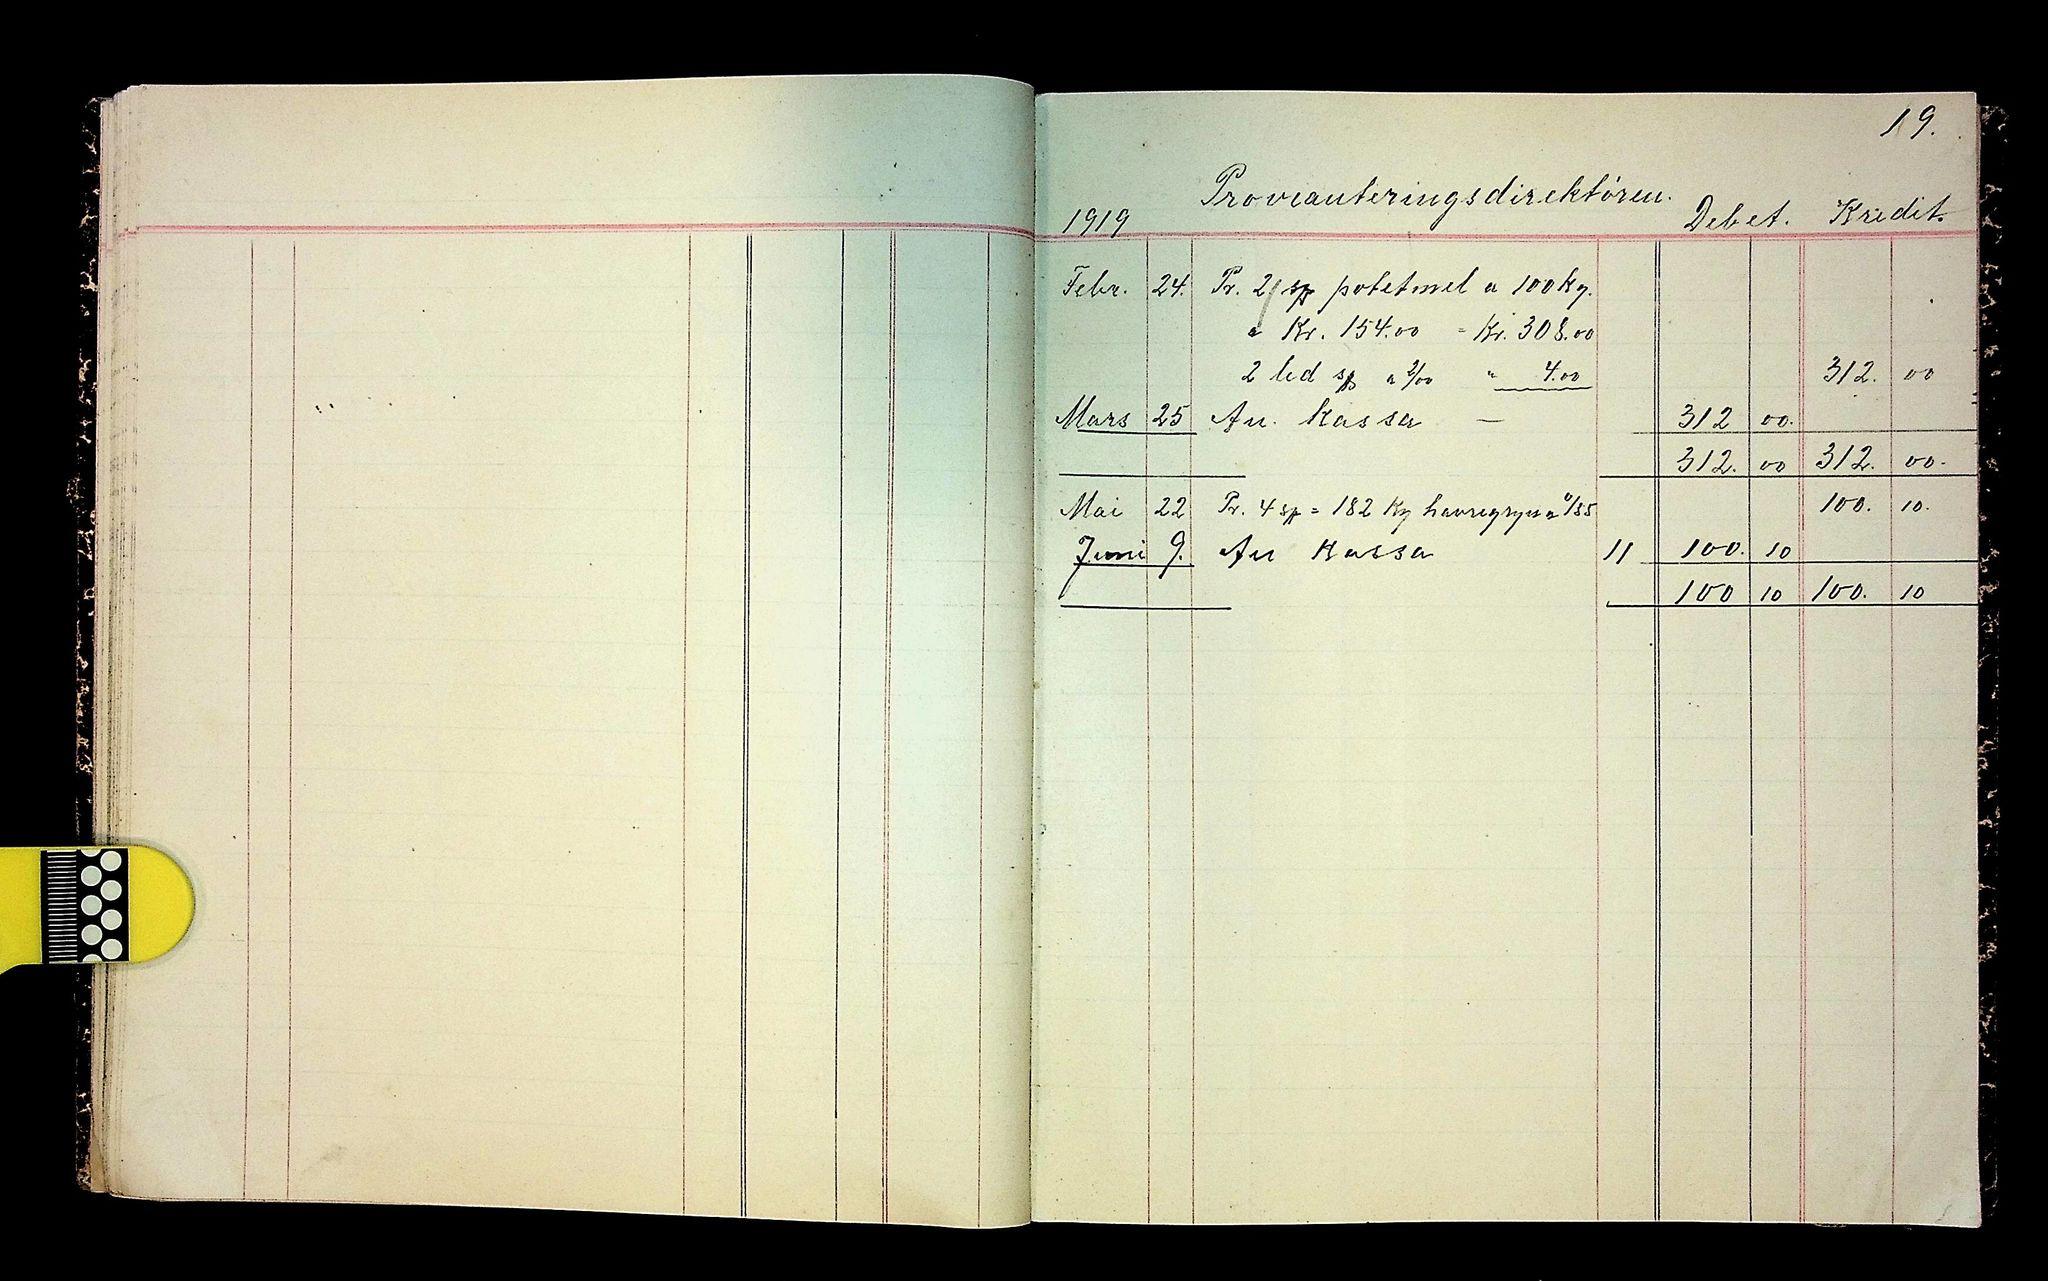 IKAH, Varaldsøy kommune. Mundheim provianteringsråd, R/Ra/L0002: Kontobok  for Mundheim provianteringsråd, 1919-1920, s. 20